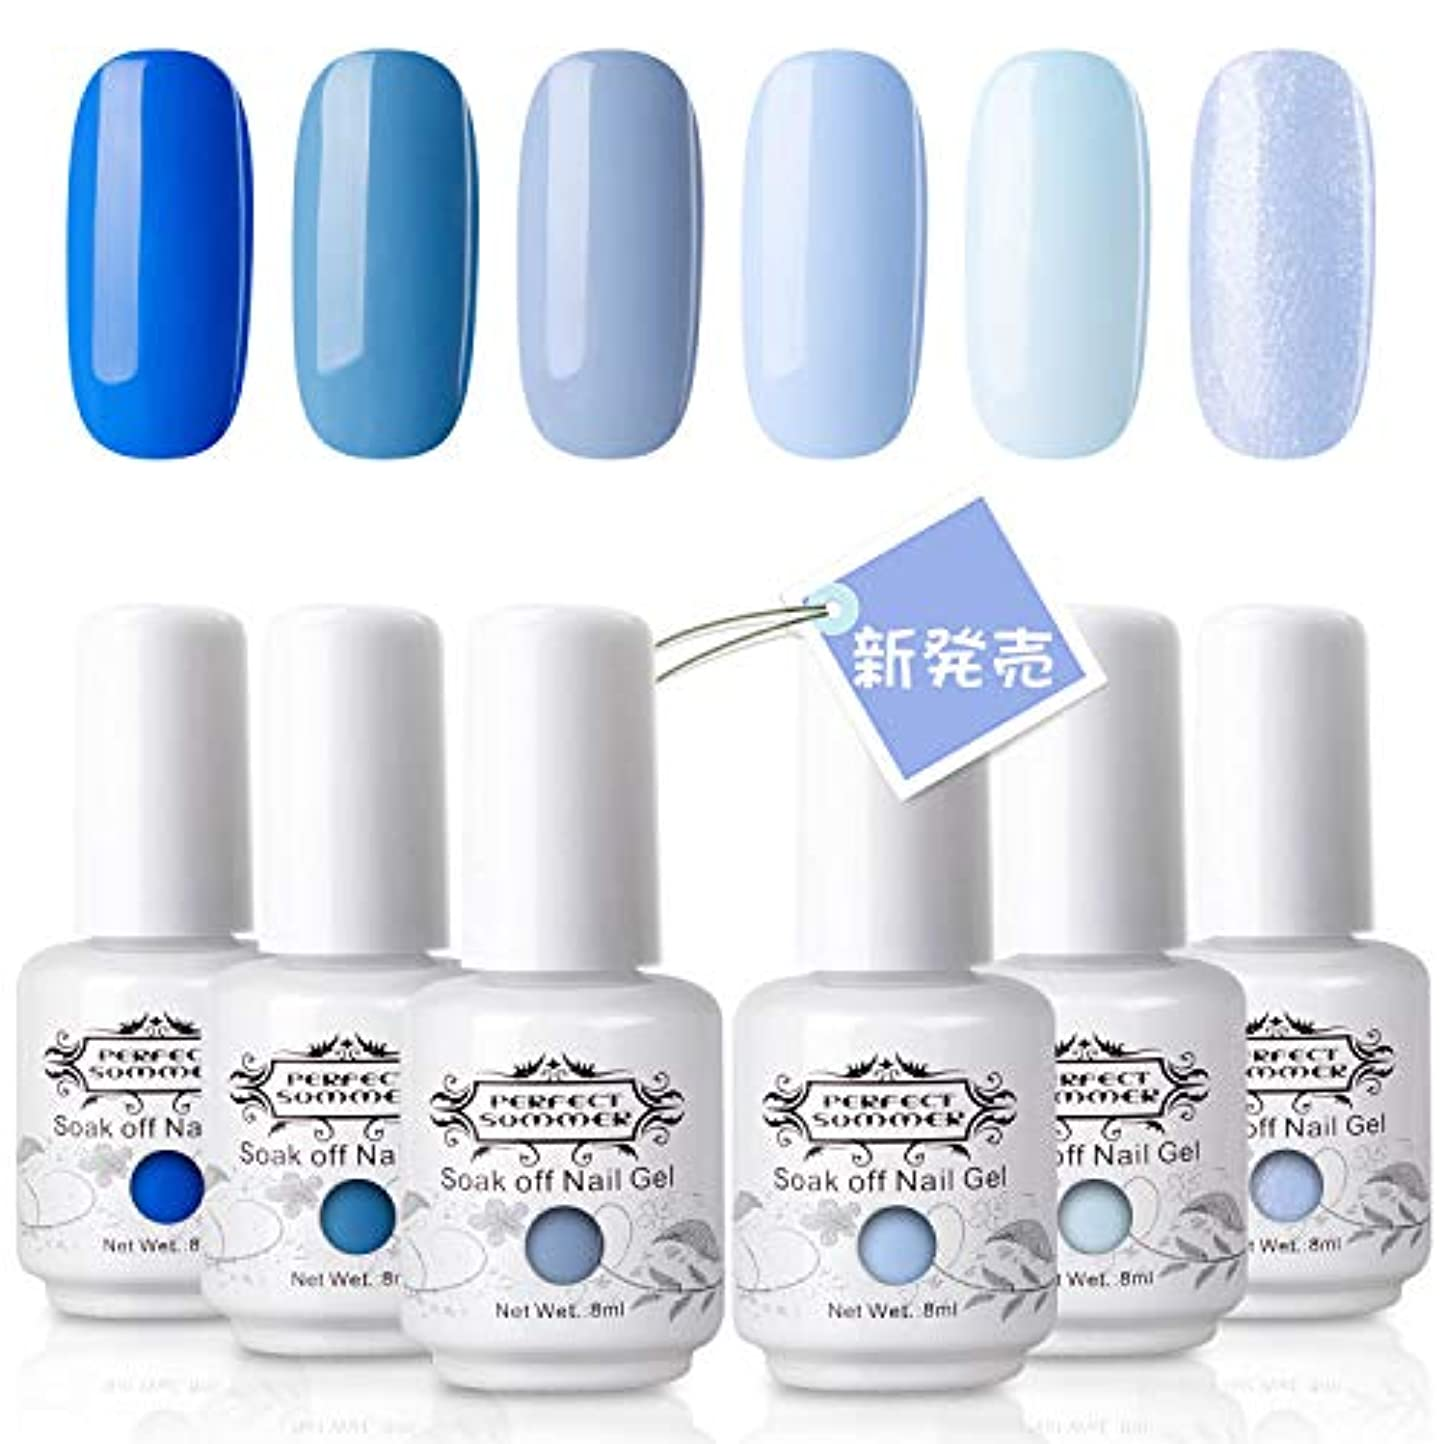 賠償甘くするシリーズ<Perfect Summer> ジェルネイル カラージェル 6色セット ポリッシュタイプ UV?LED対応 美発色 ブルー 新発売 初心者